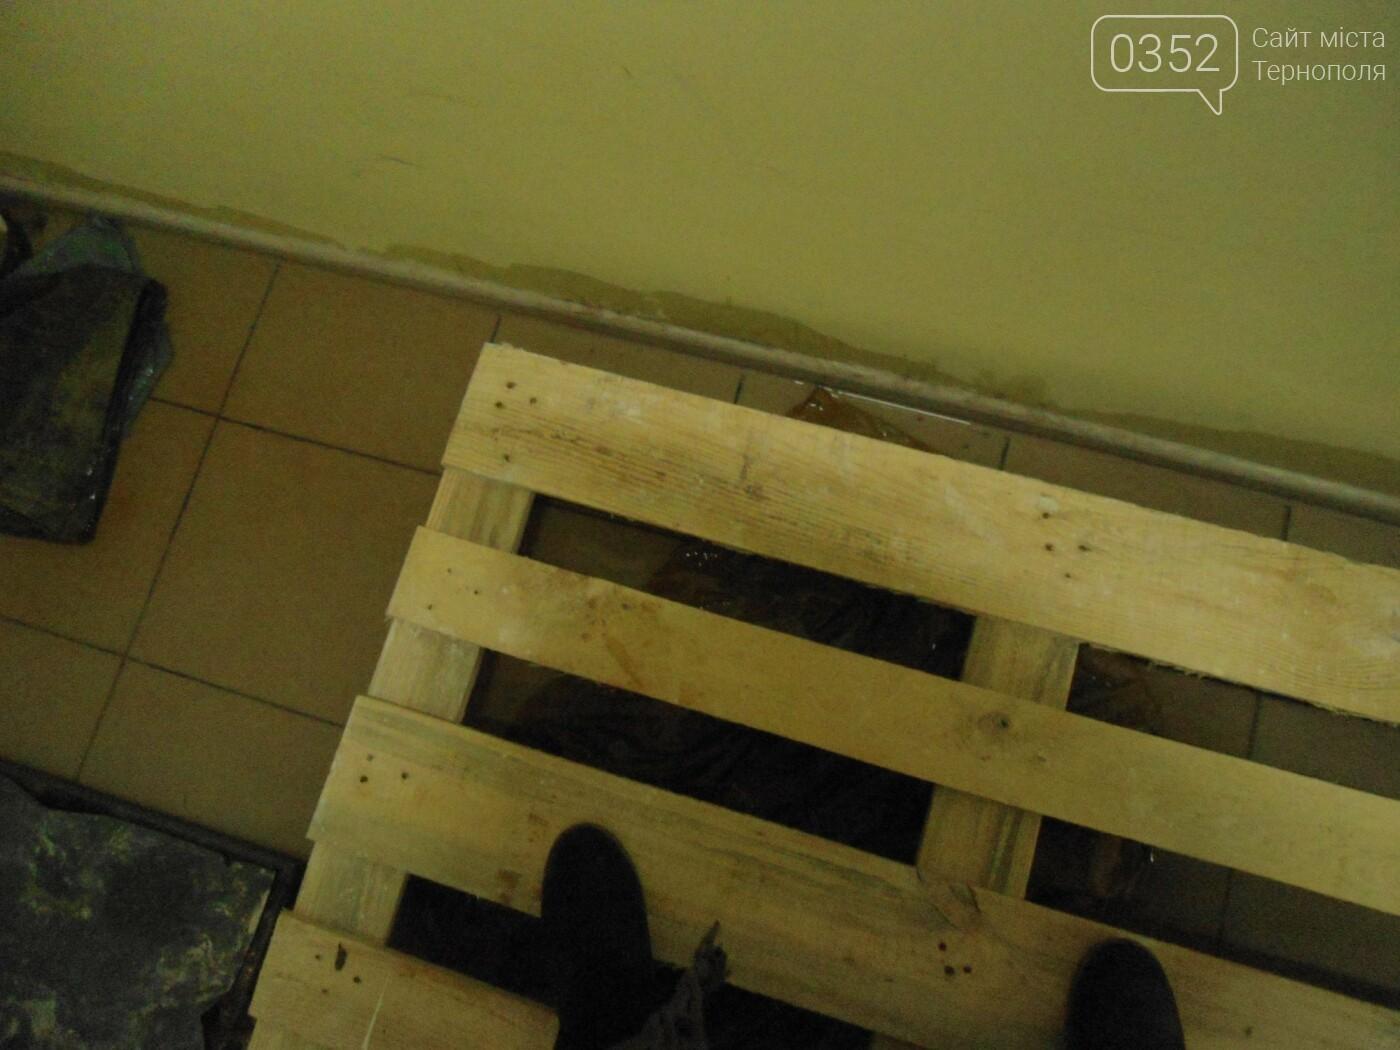 У Тернополі у багатоквартирному будинку постійно прориває каналізацію, затоплюючи підвальні приміщення благодійних організацій (ФОТО, ВІДЕО), фото-9